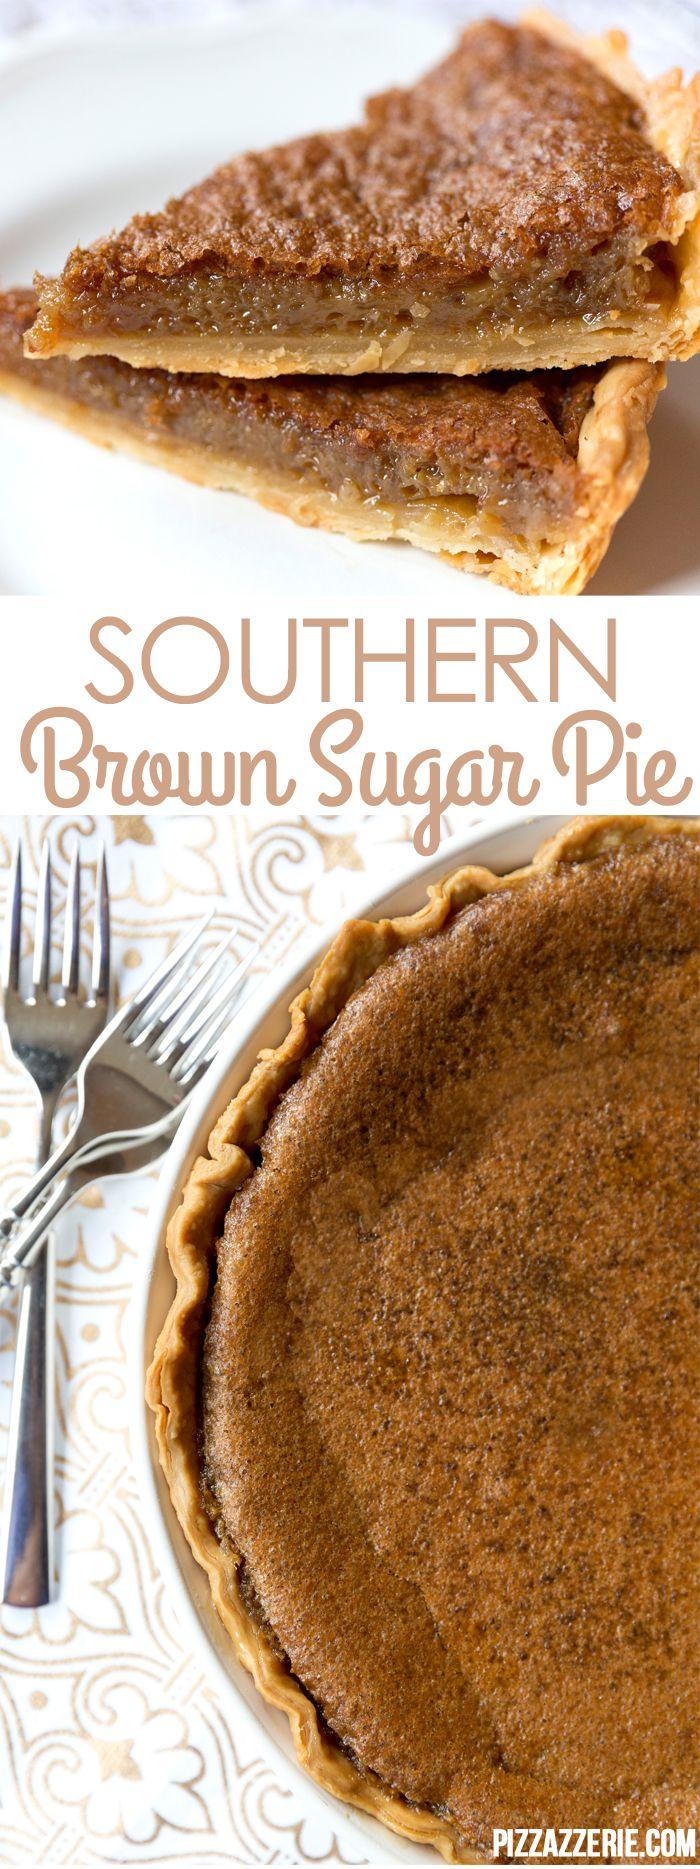 Southern Brown Sugar Pie #sweetpie